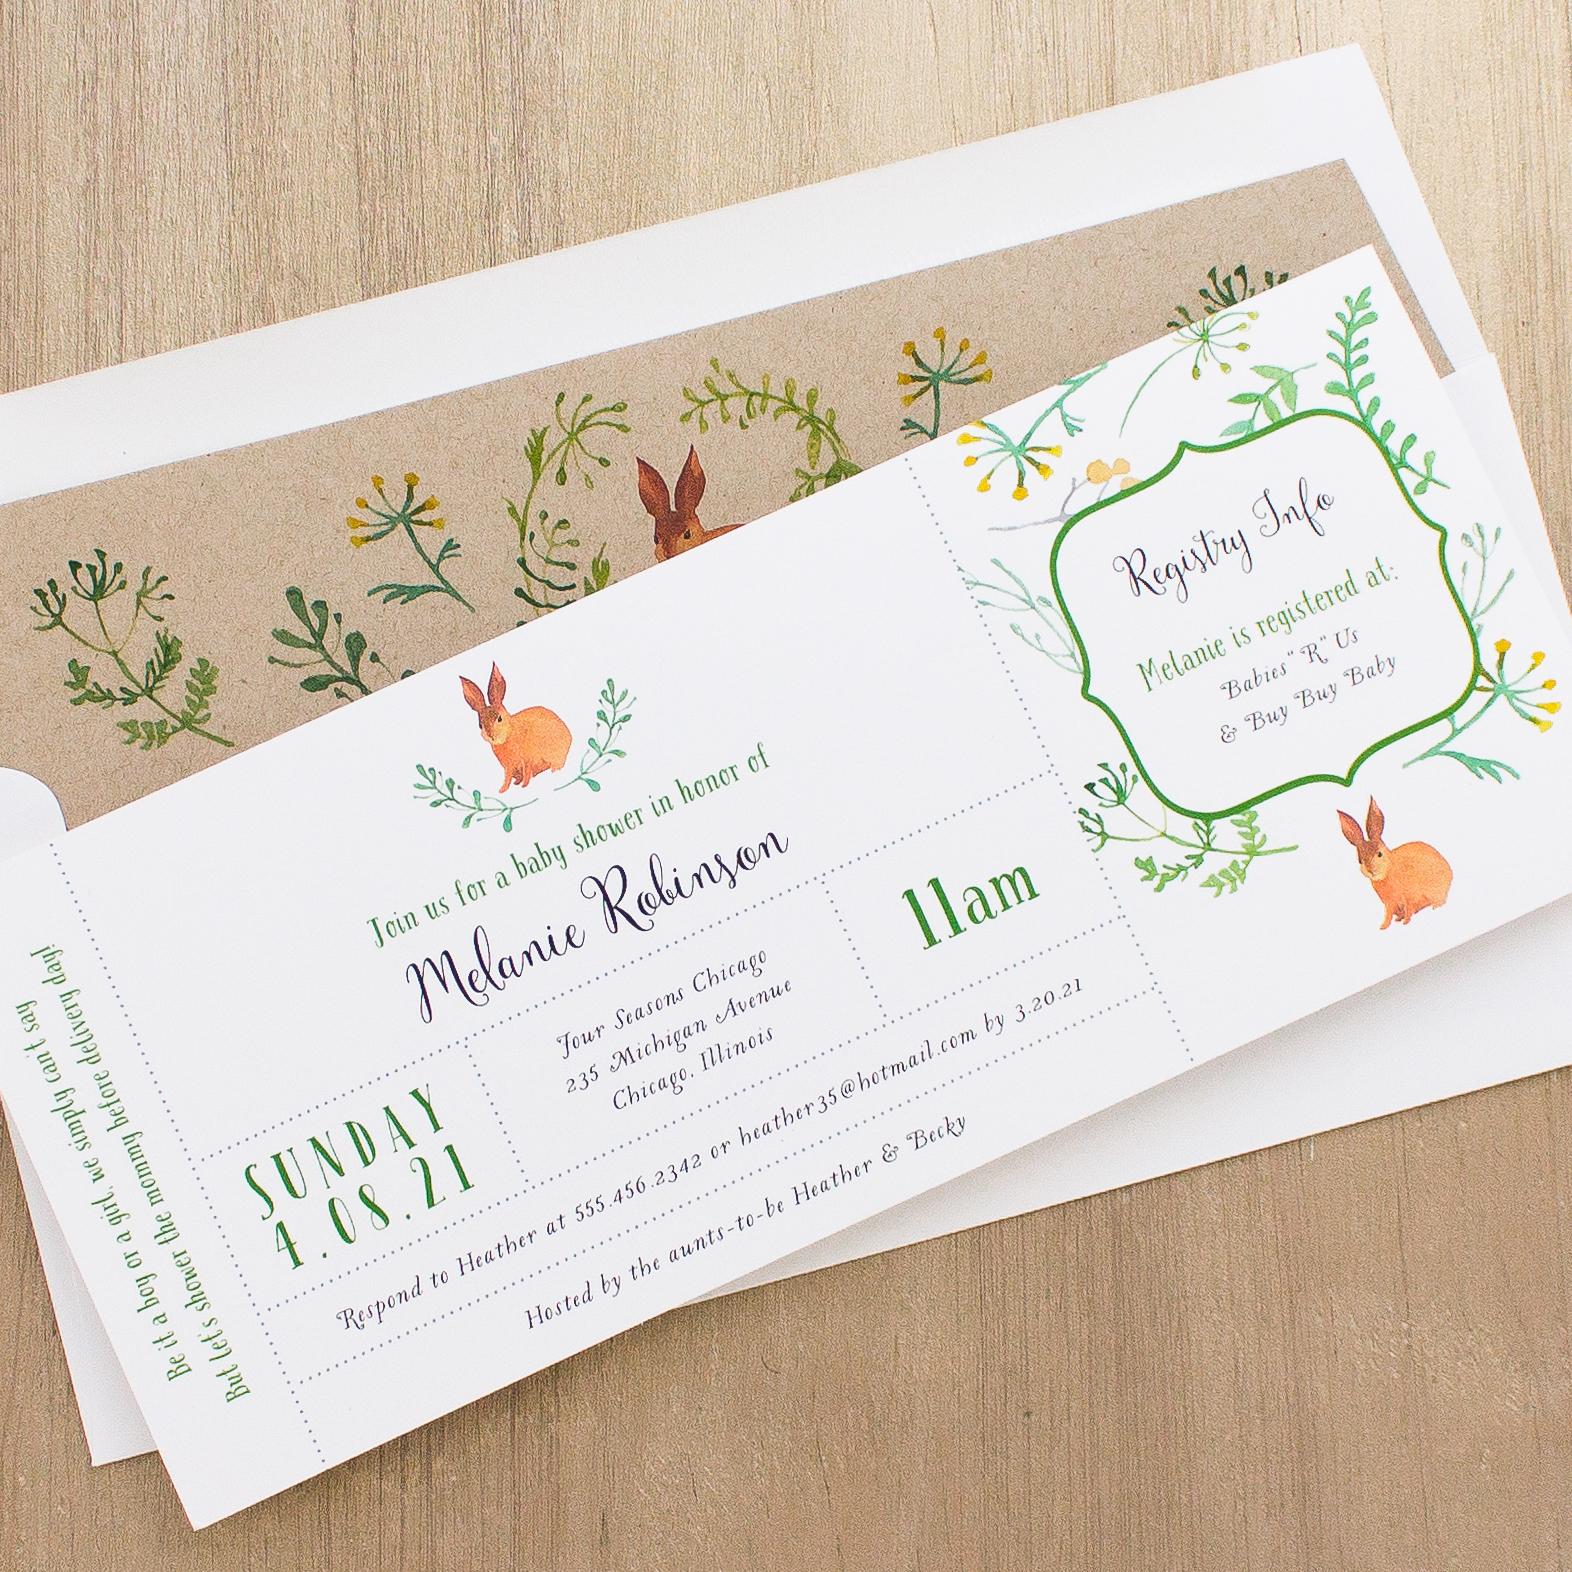 Velveteen rabbit baby shower invitations beacon lane velveteen rabbit baby shower invitations filmwisefo